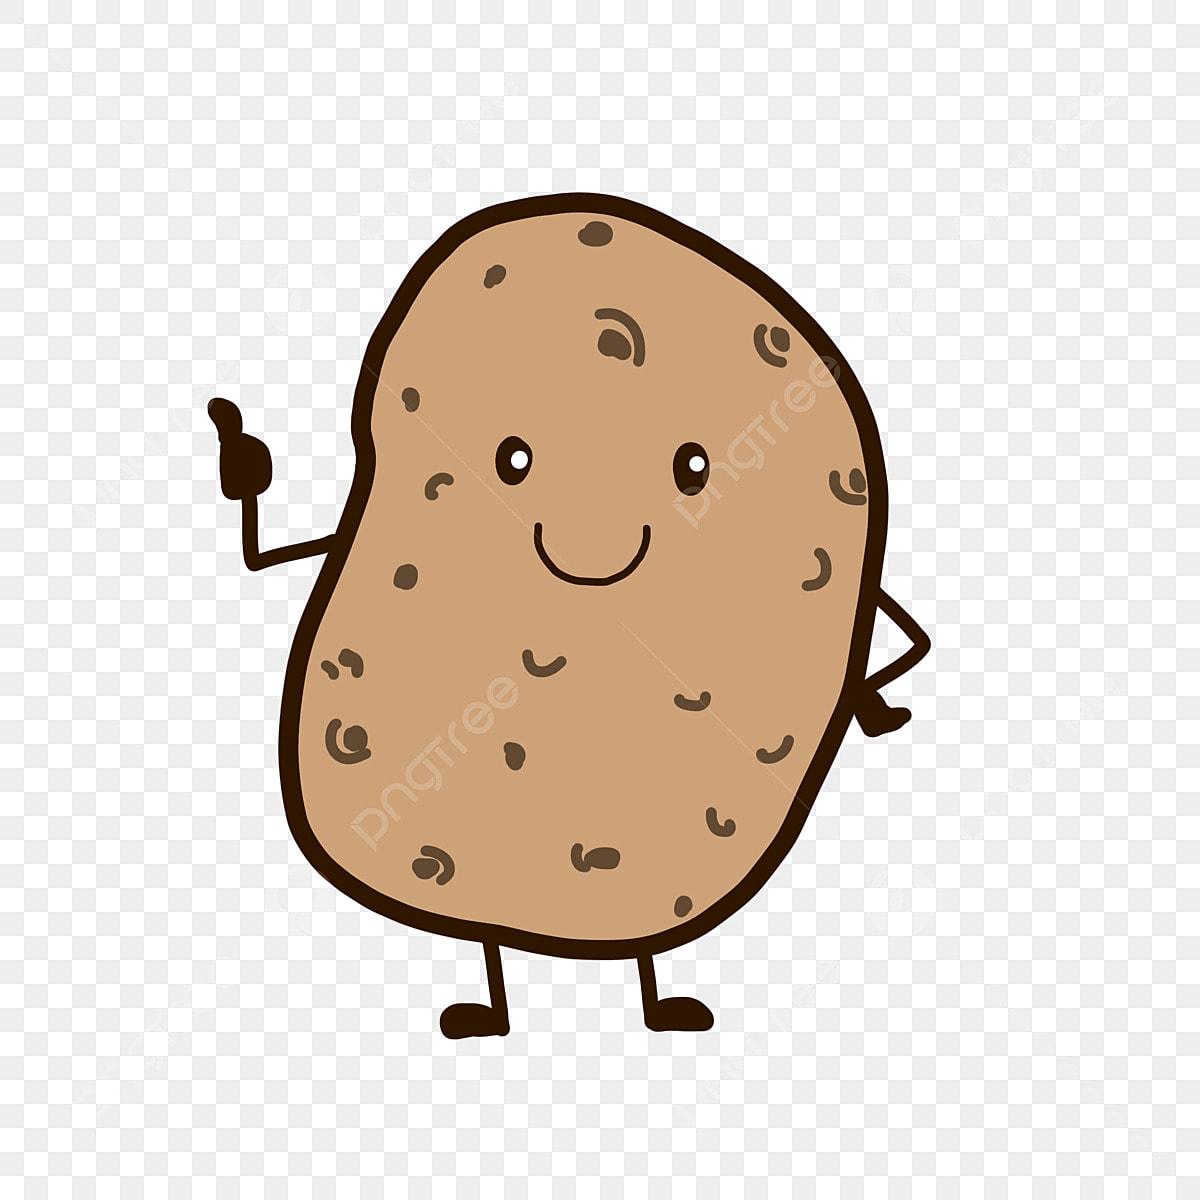 じゃがいも漫画素敵な野菜 フルーツ 擬人 表情画像とpsd素材ファイルの無料ダウンロード Pngtree